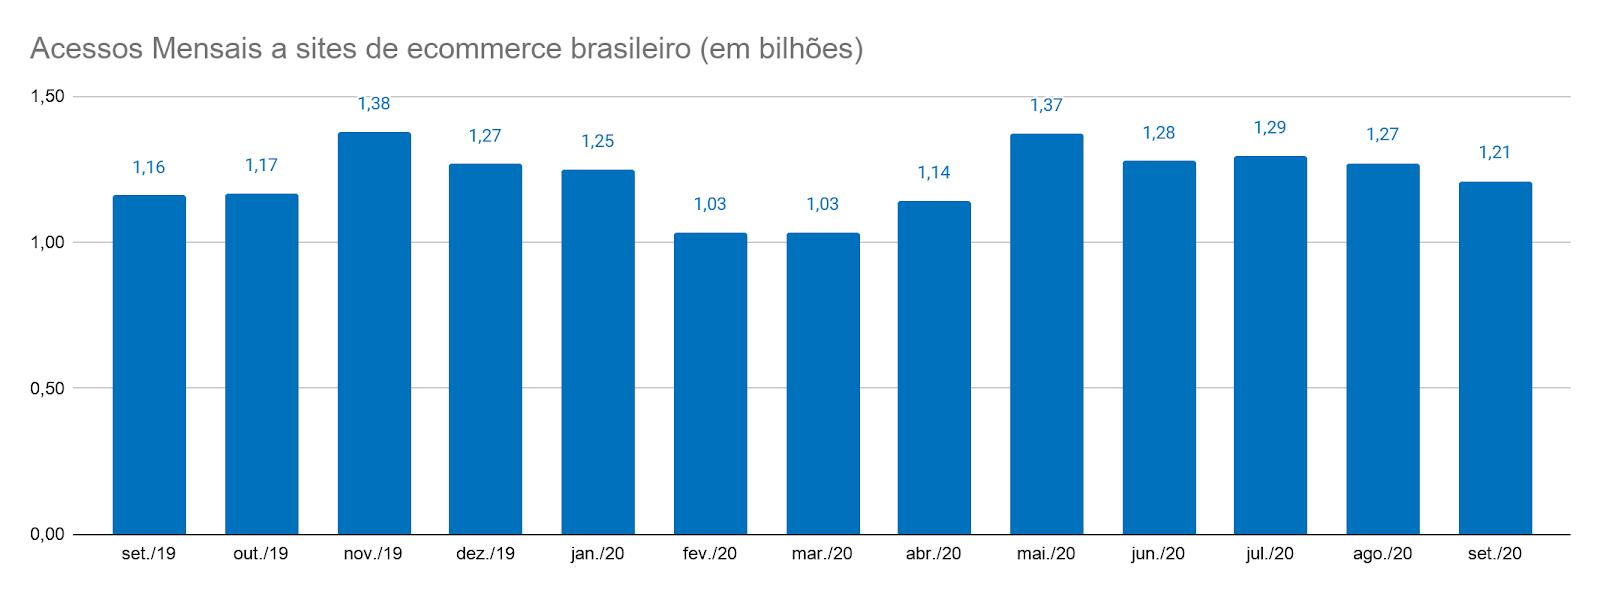 Acessos Mensais a sites de e-commerce brasileiros (em bilhões)